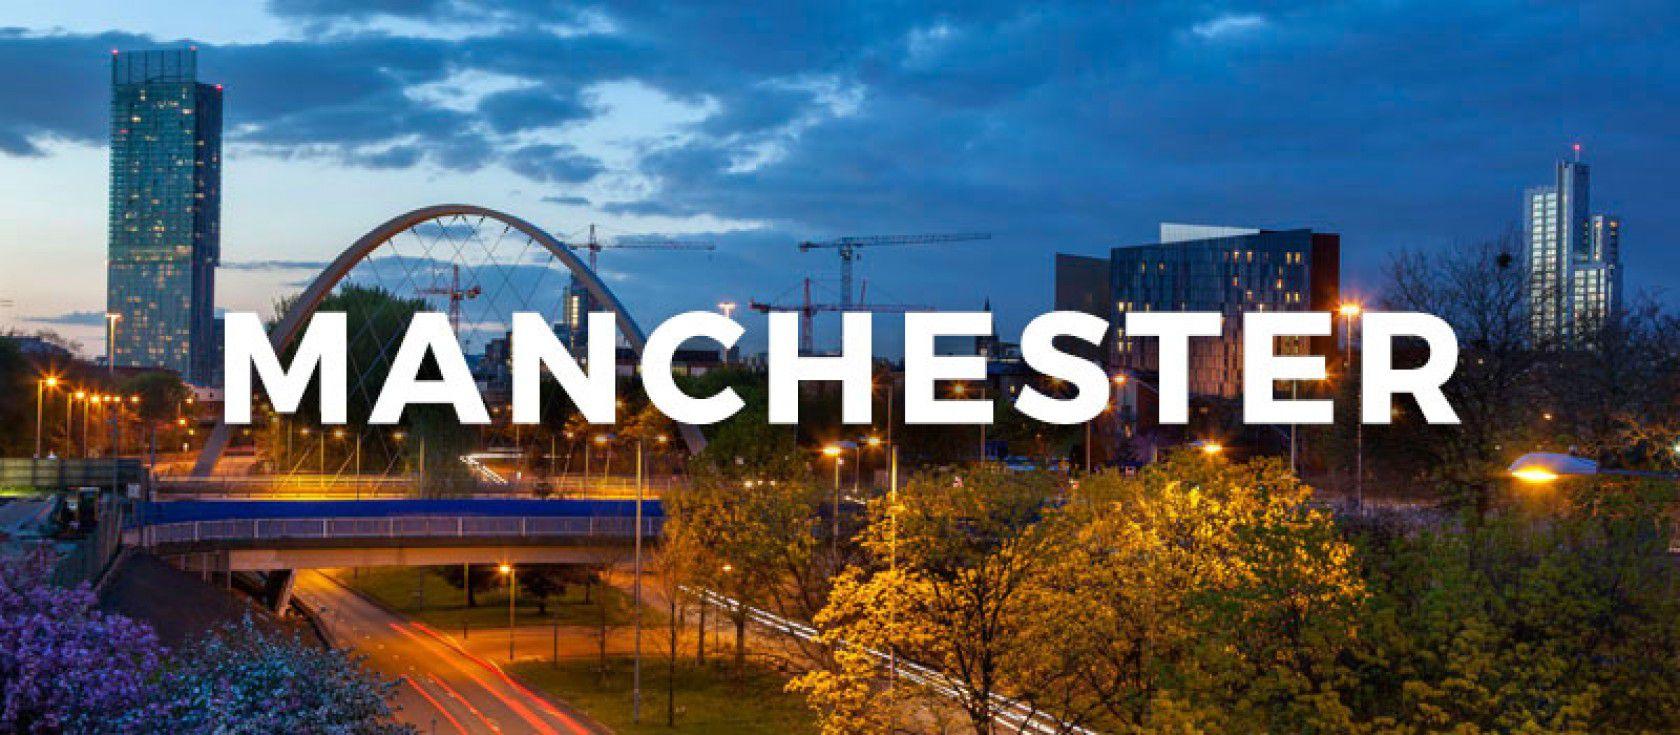 İngiltere Manchester lise eğitimi almak